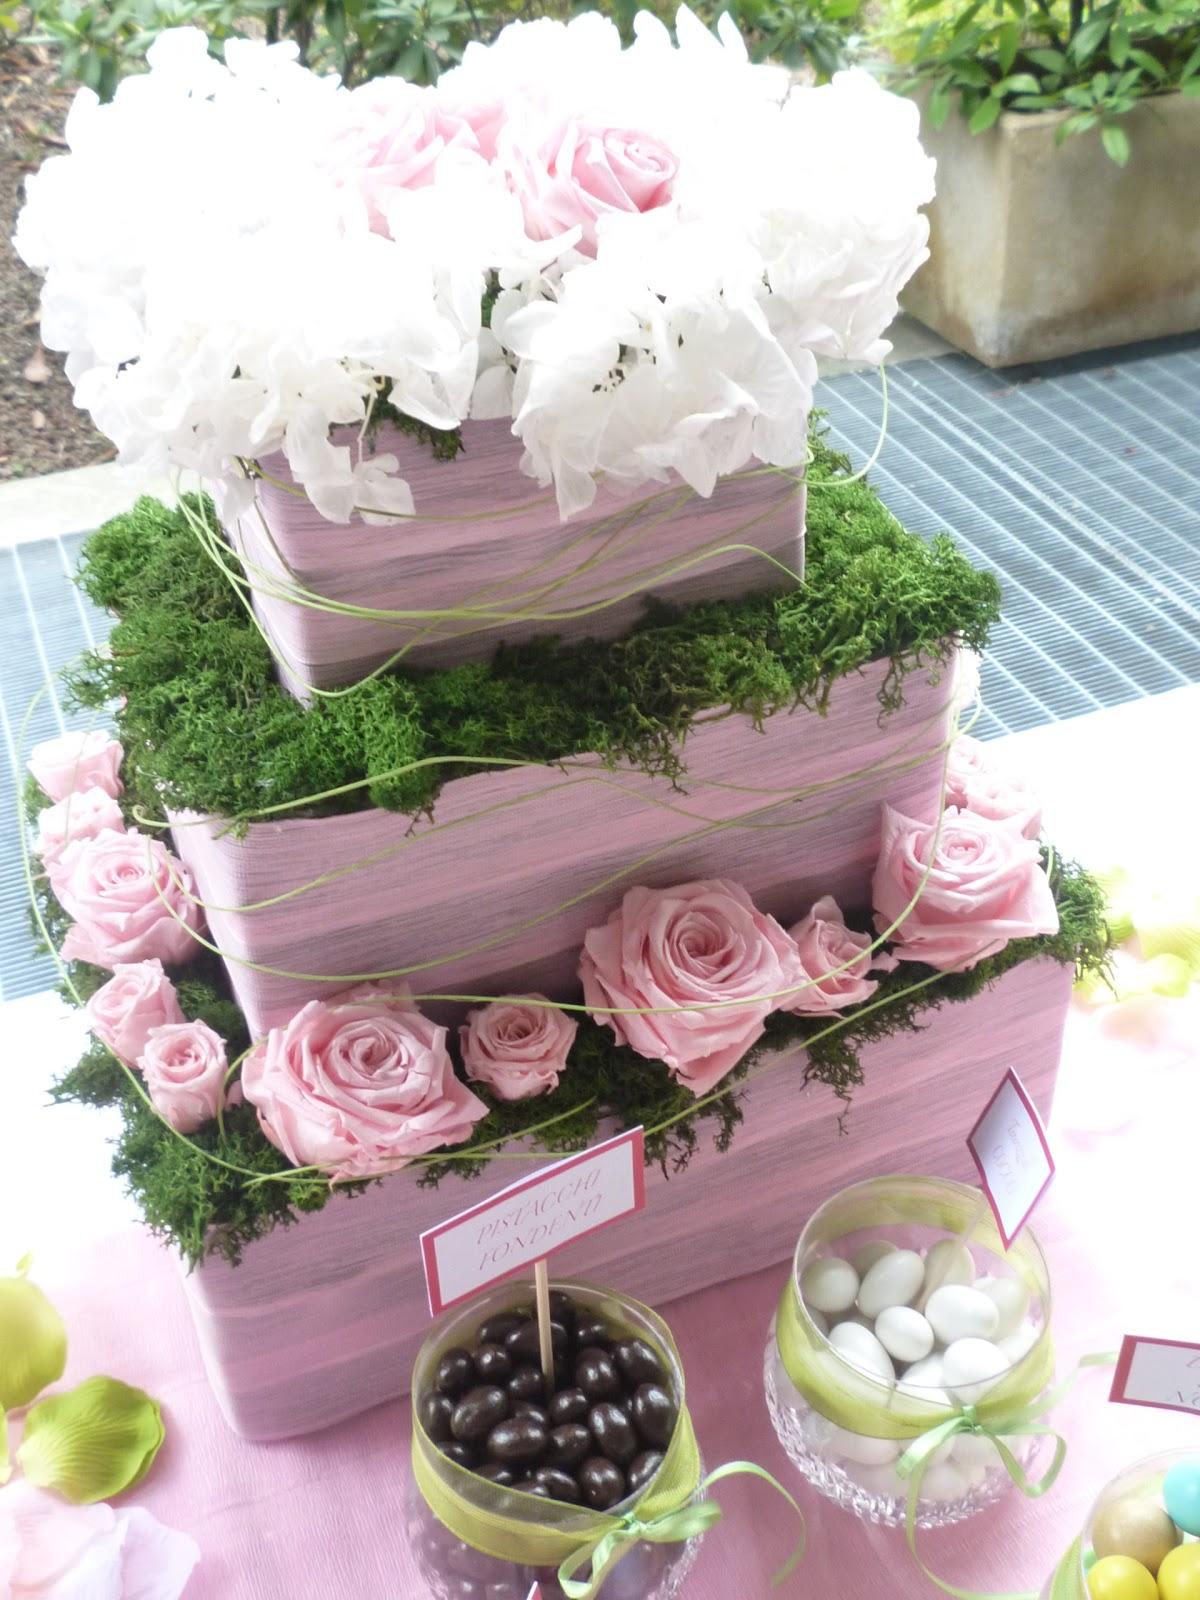 Matrimonio Tema Ottobre : Chiacchiere da matrimonio tavolo della confettata